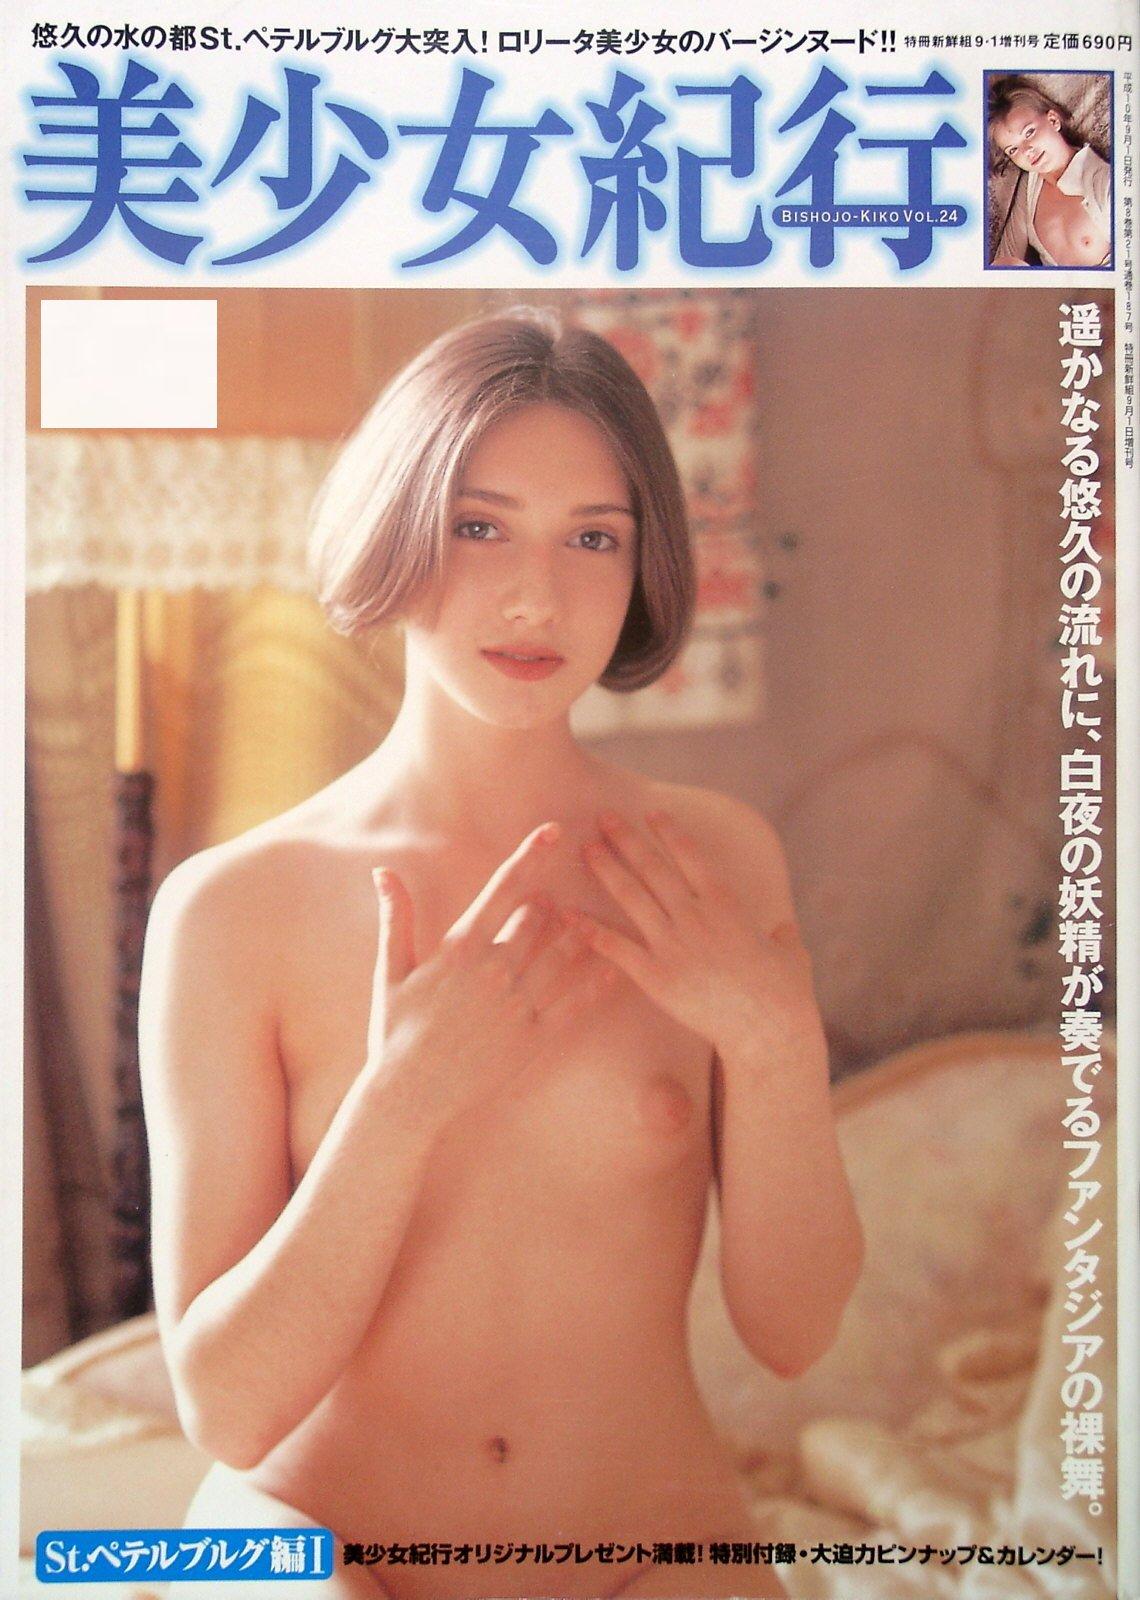 Andrea De Castro Desnuda a sexy corner: angelina butuzova desnuda para shoken